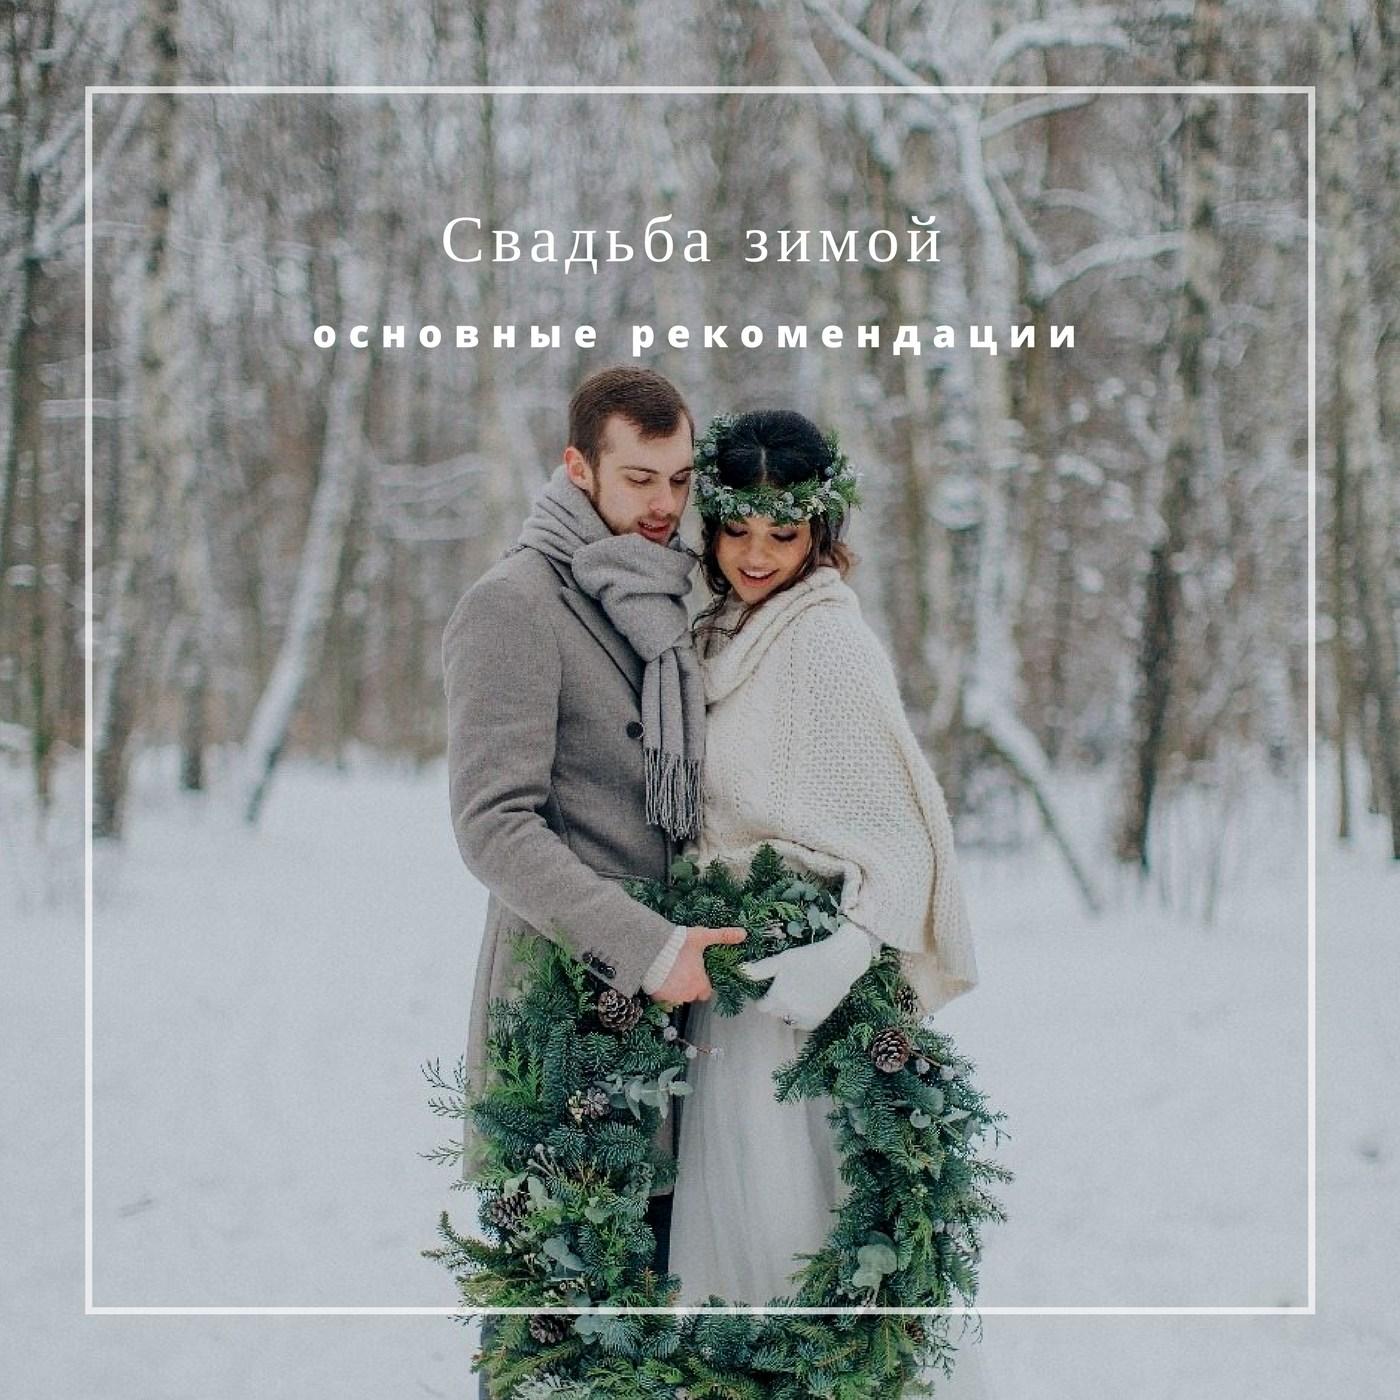 Свадьба в черногории самостоятельно